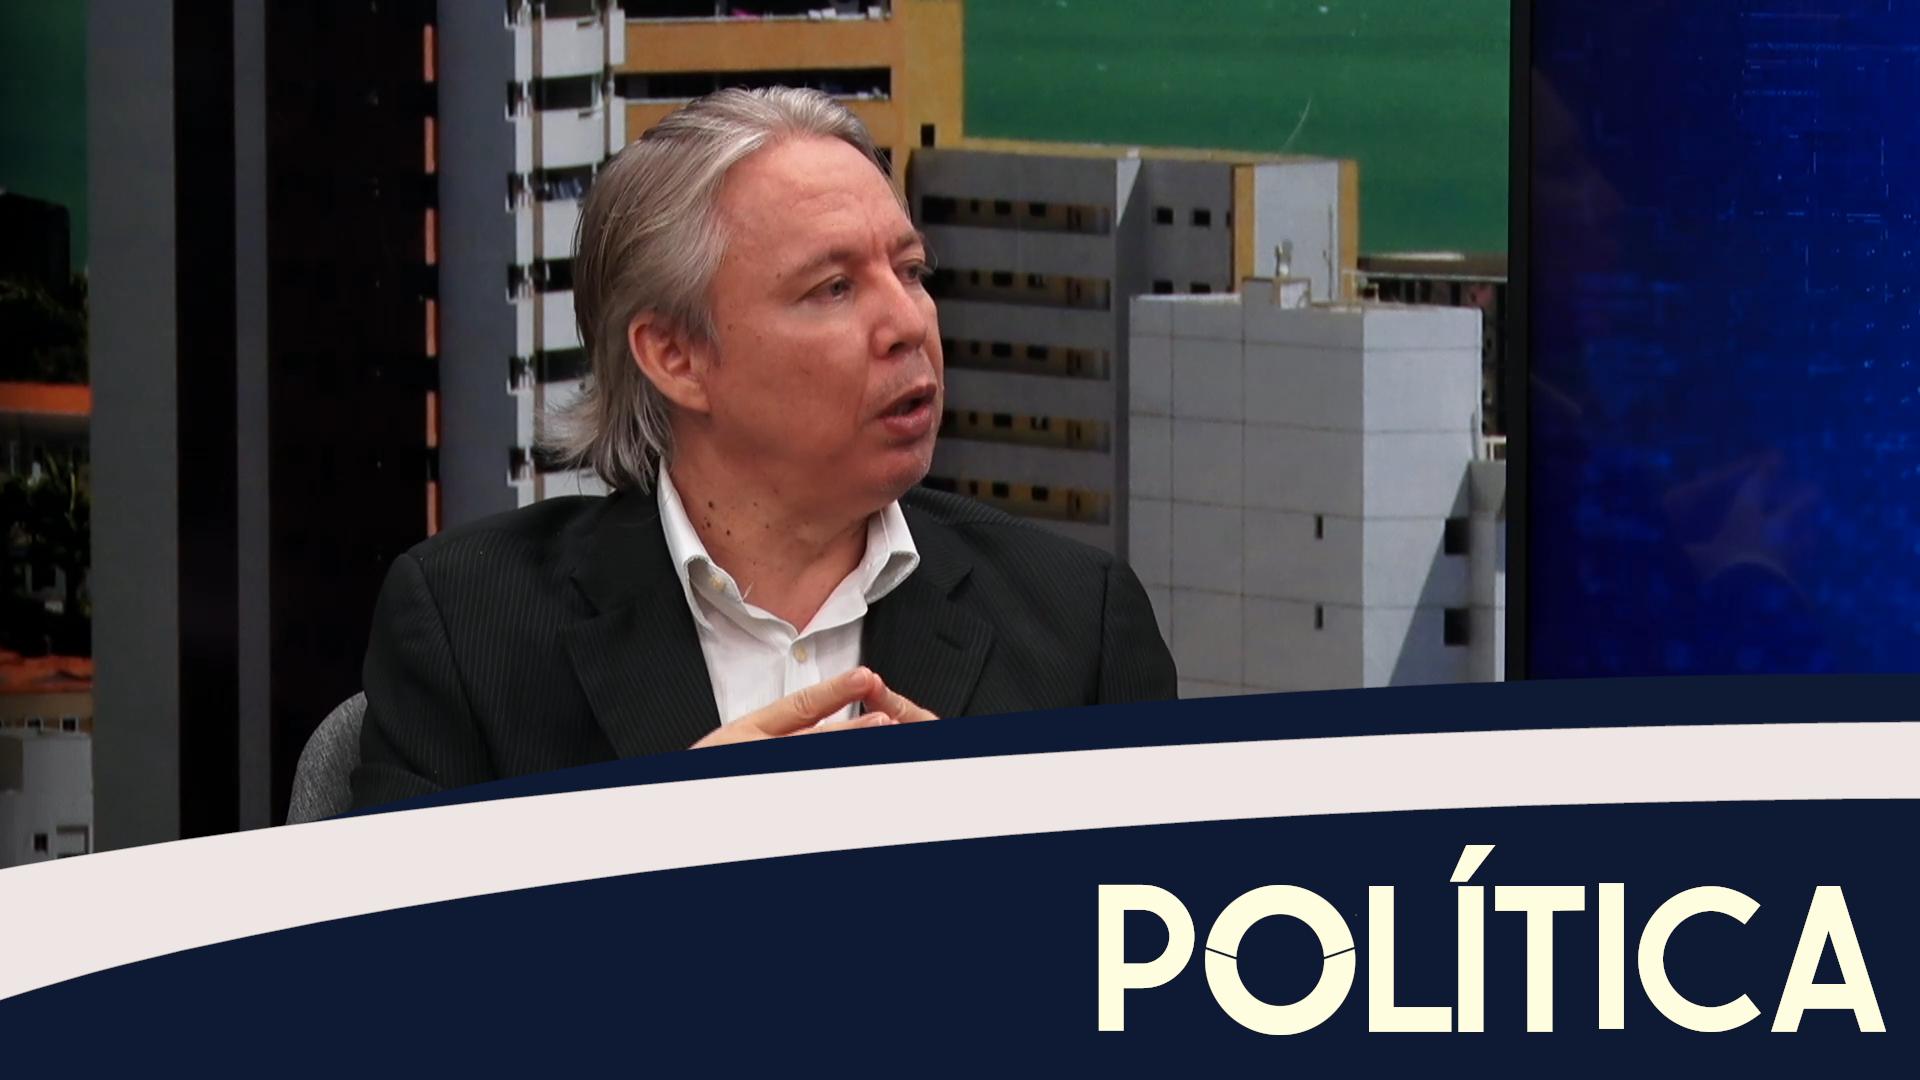 Política entrevista consultor político, Luiz Cláudio